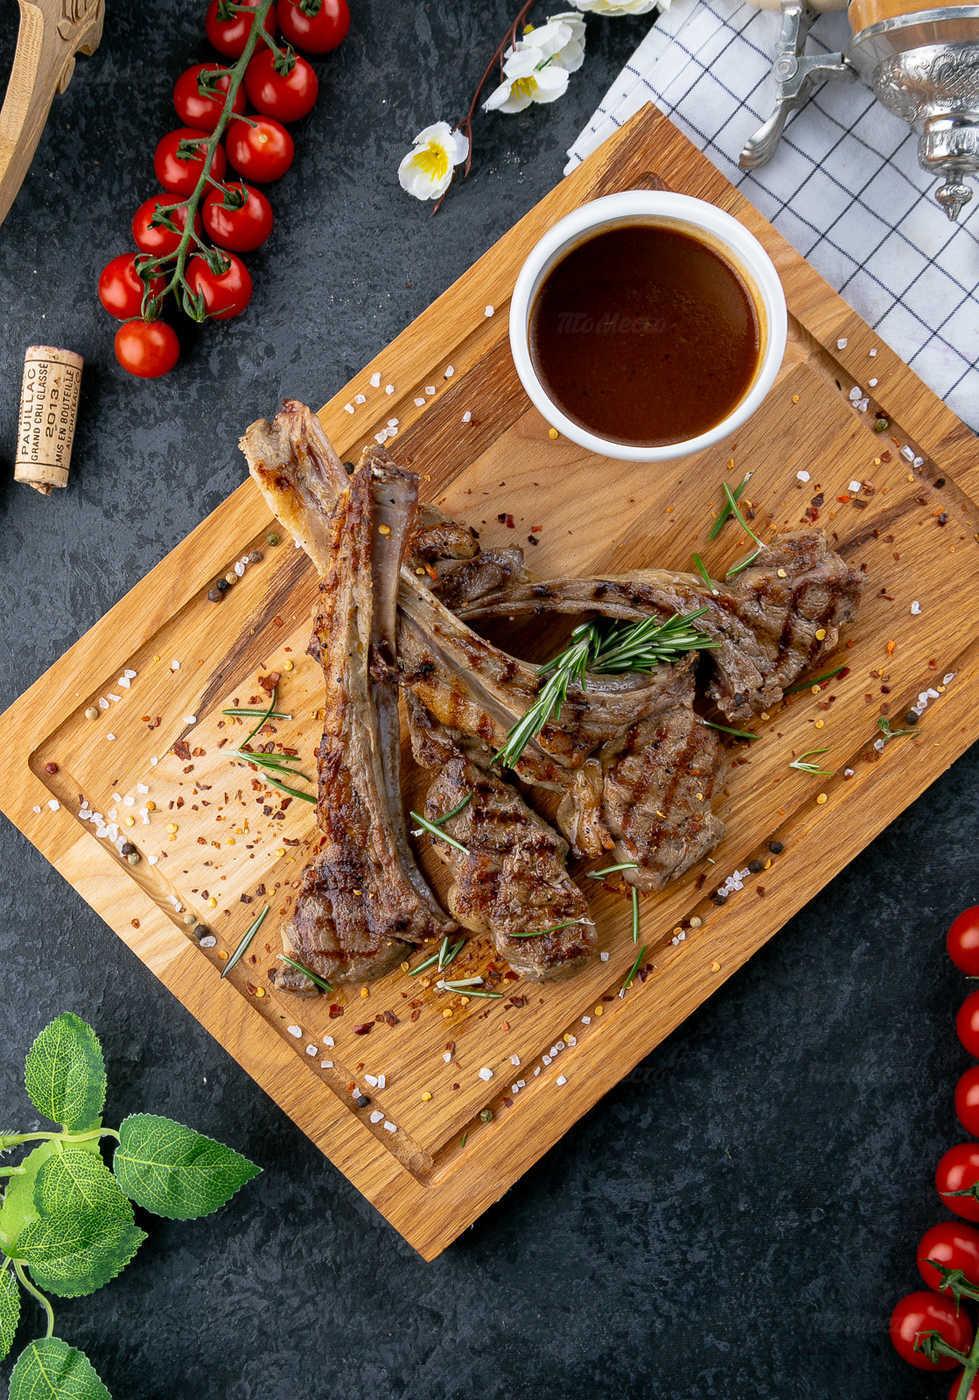 Меню ресторана Швабский Домик на Новочеркасском проспекте фото 60